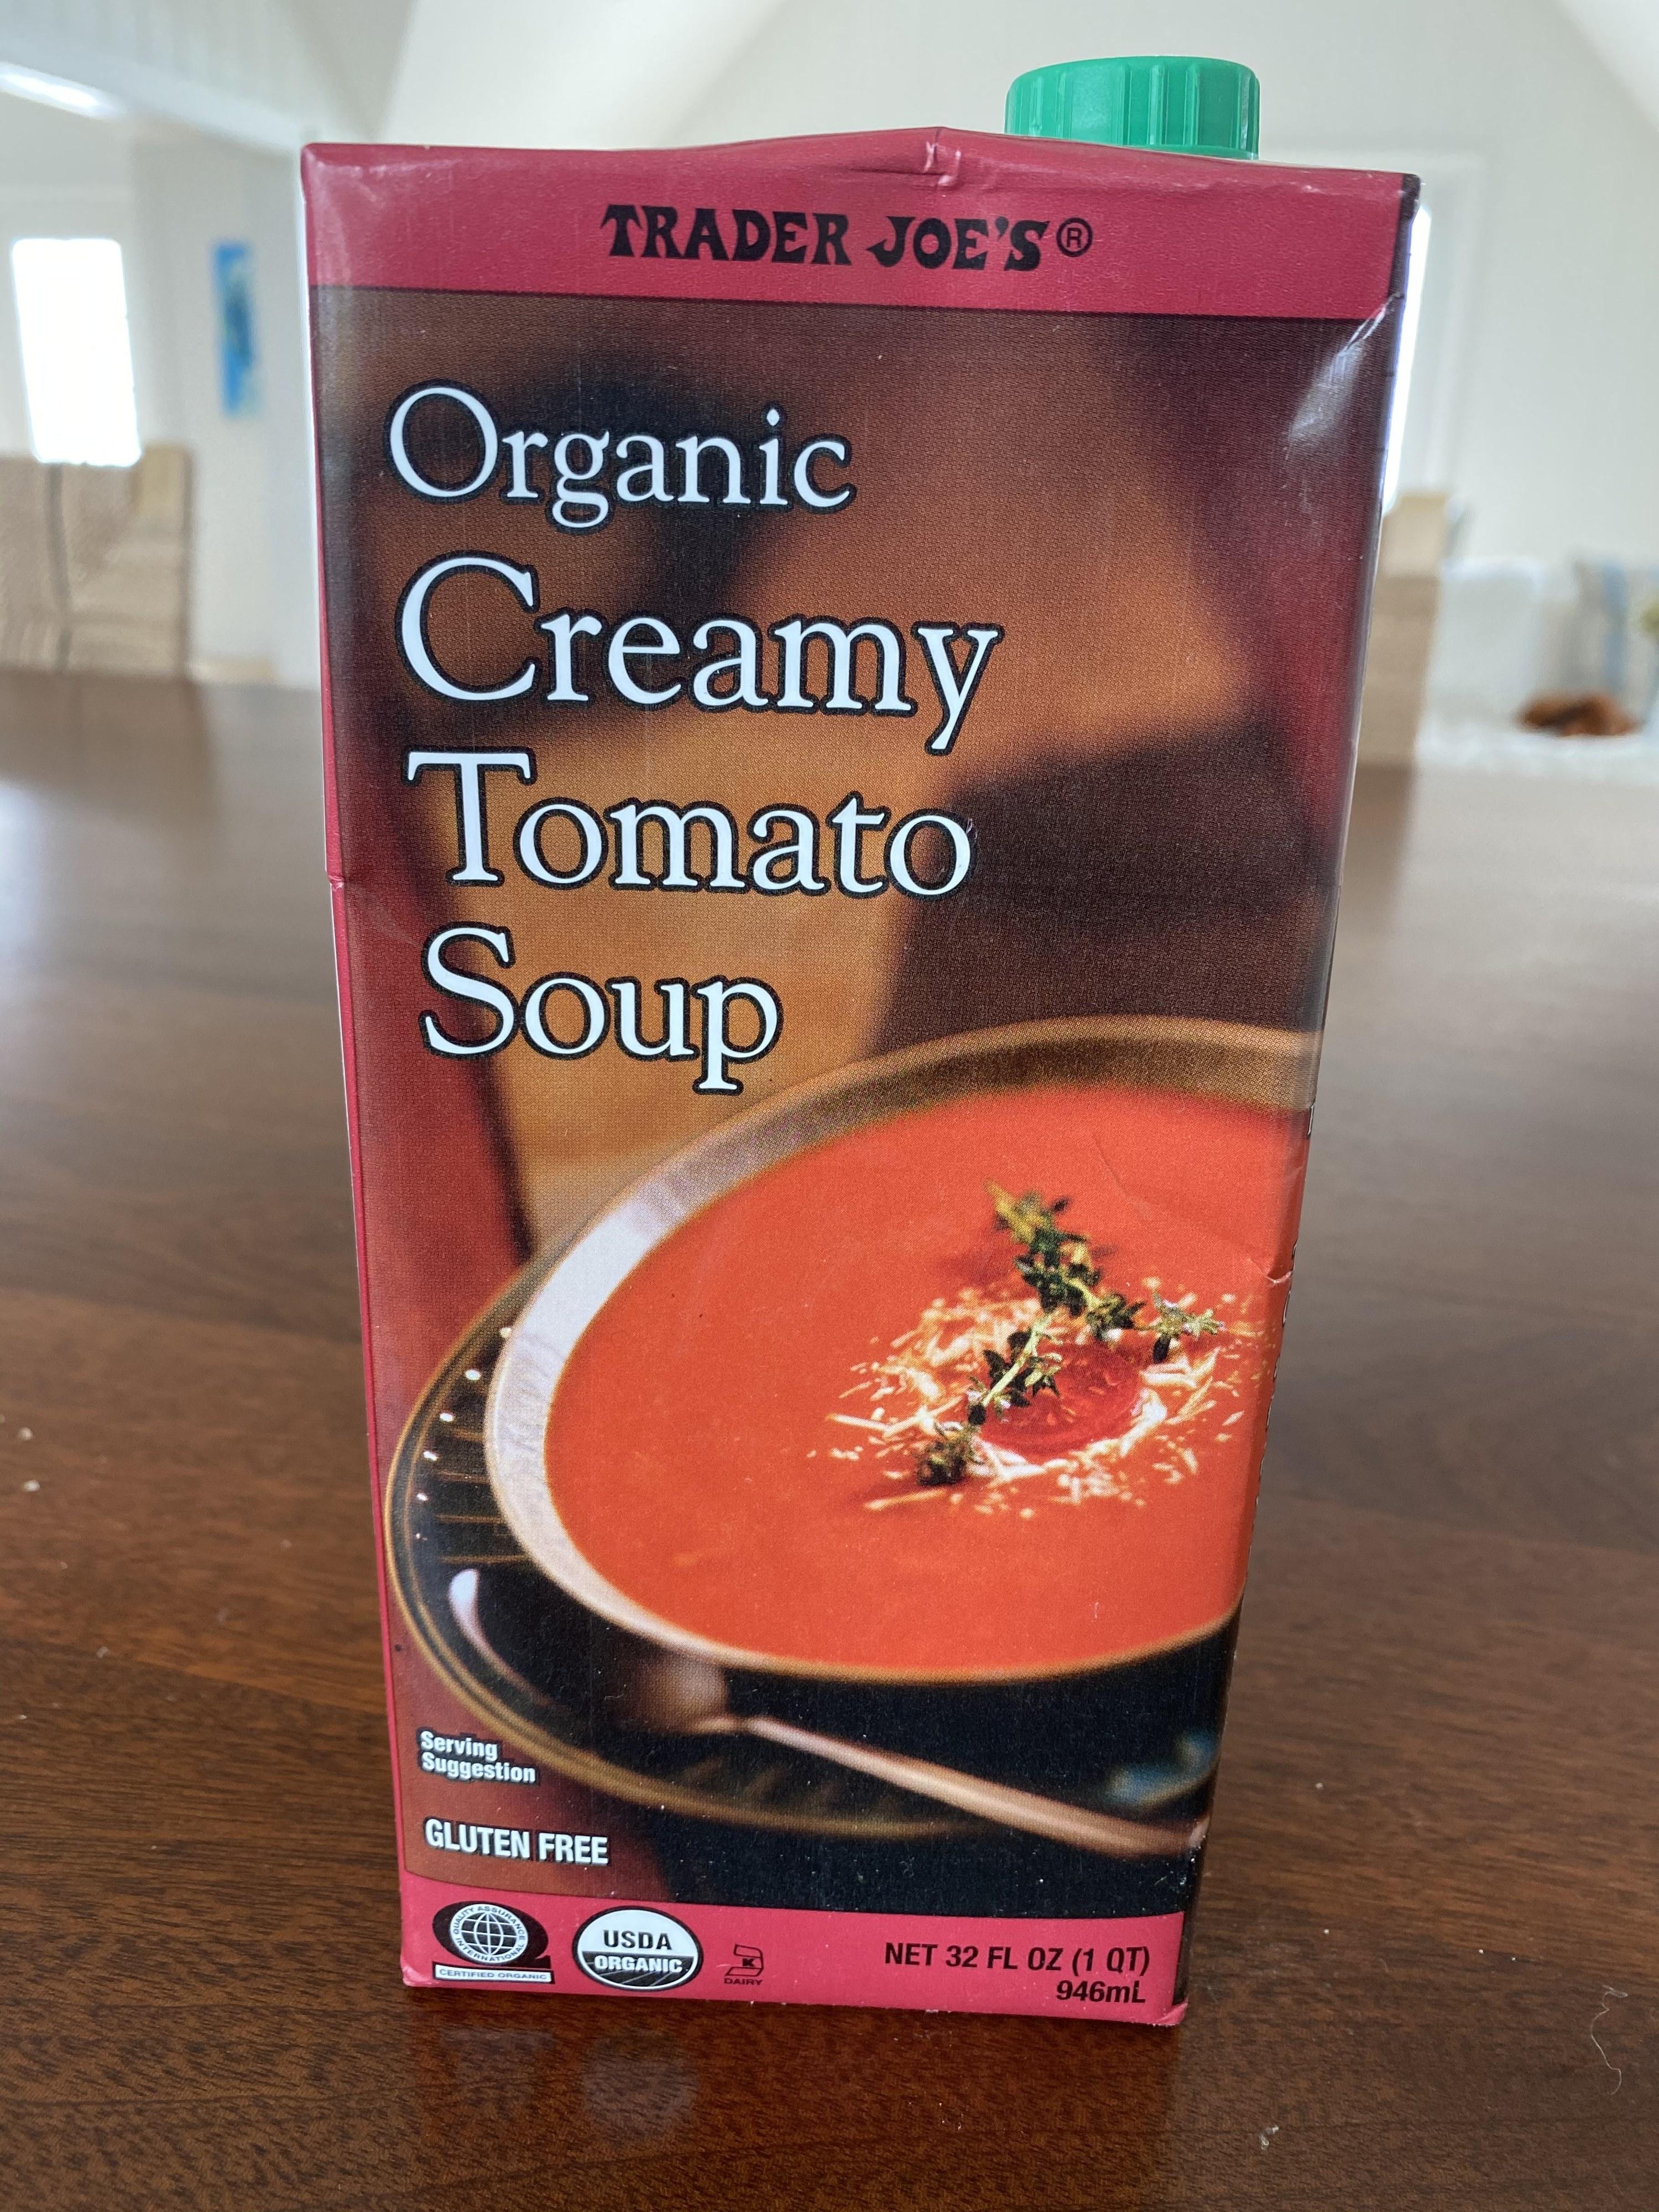 A carton of Trader Joe's creamy tomato soup.